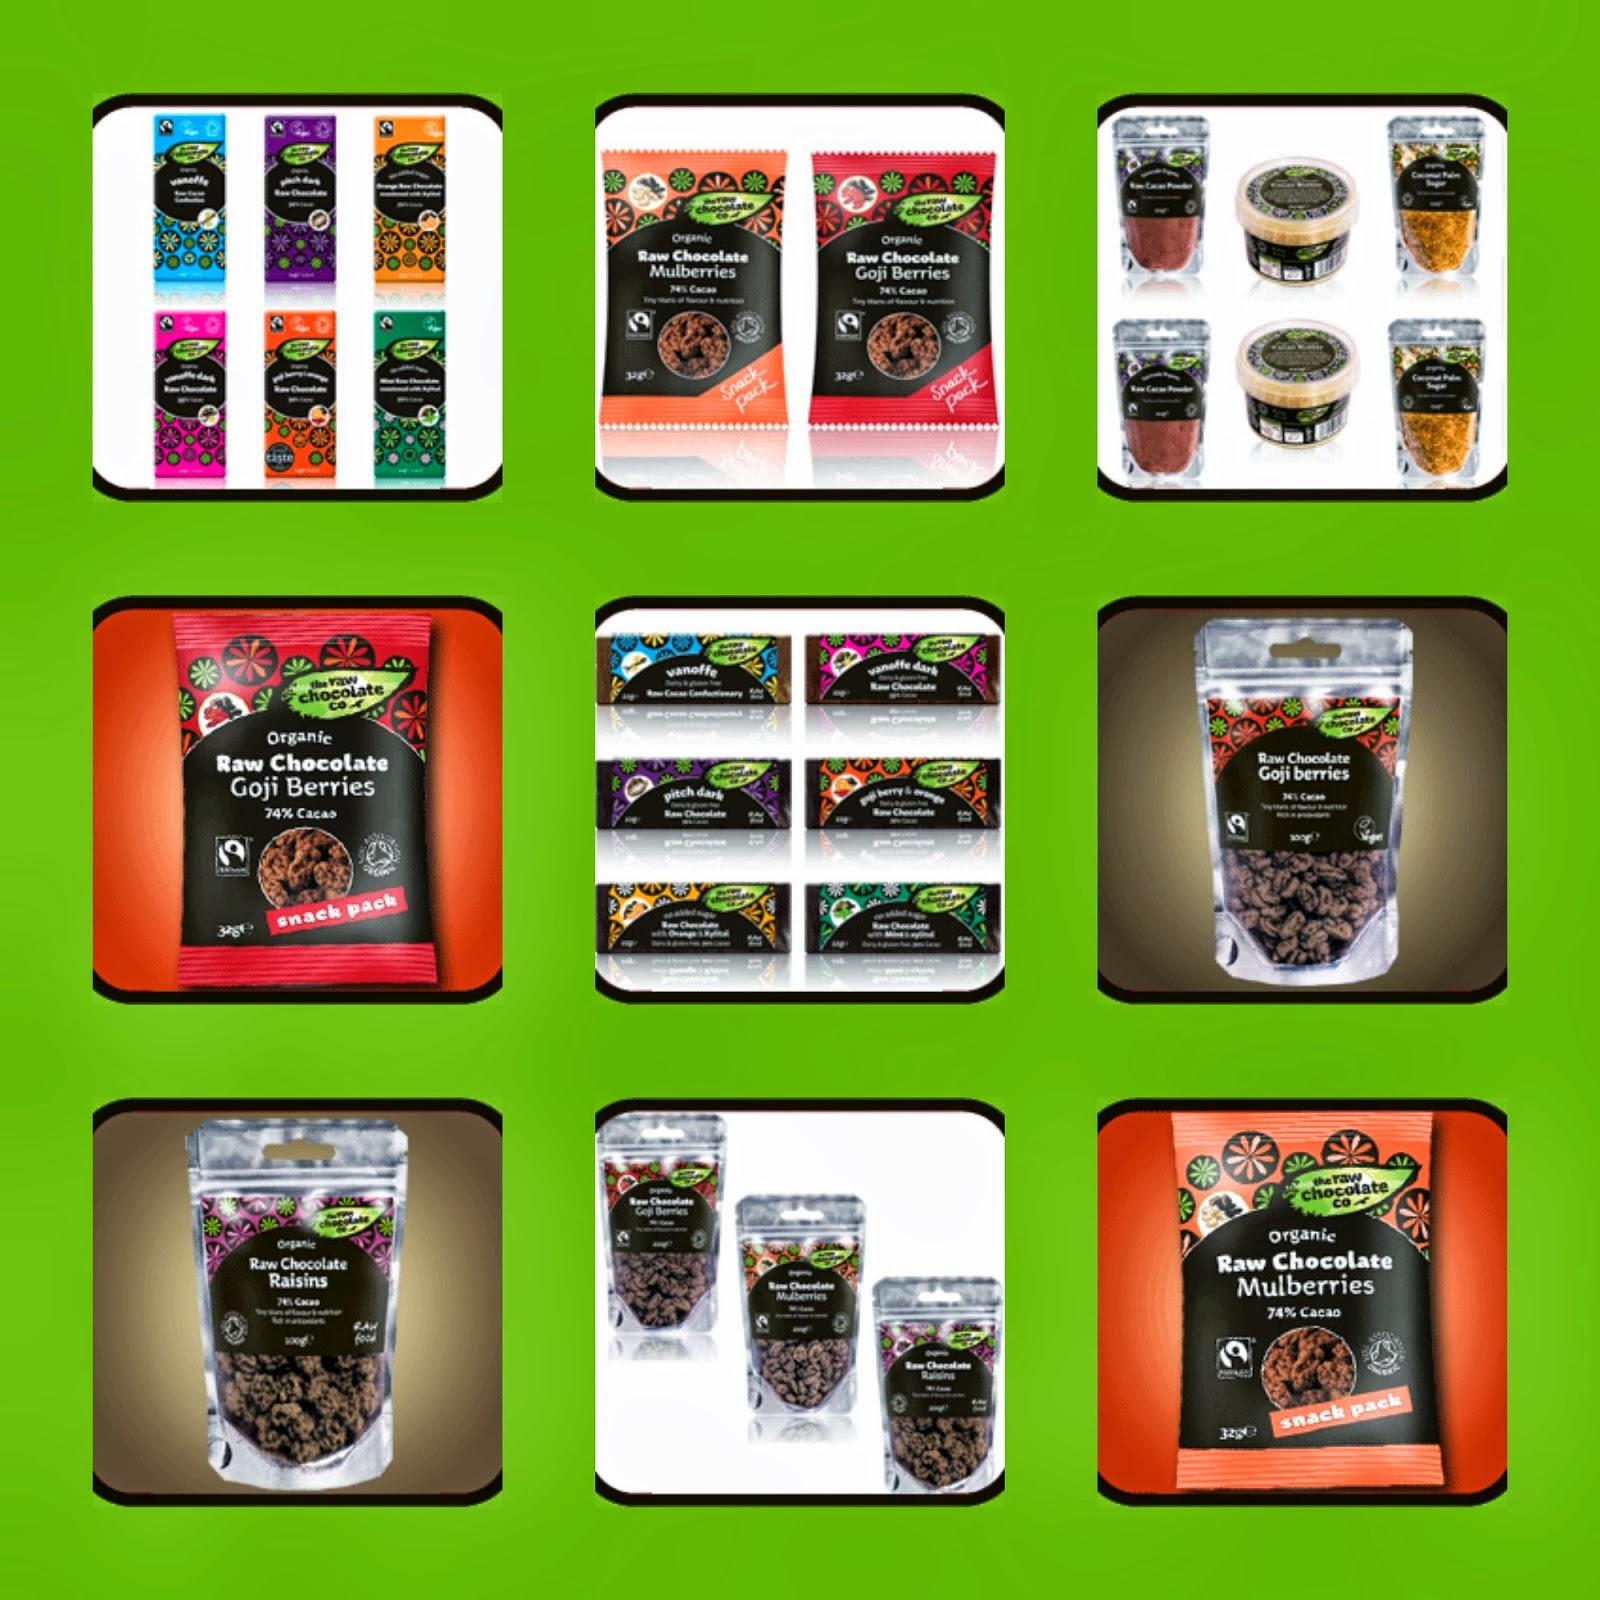 Raw Chocolate Company